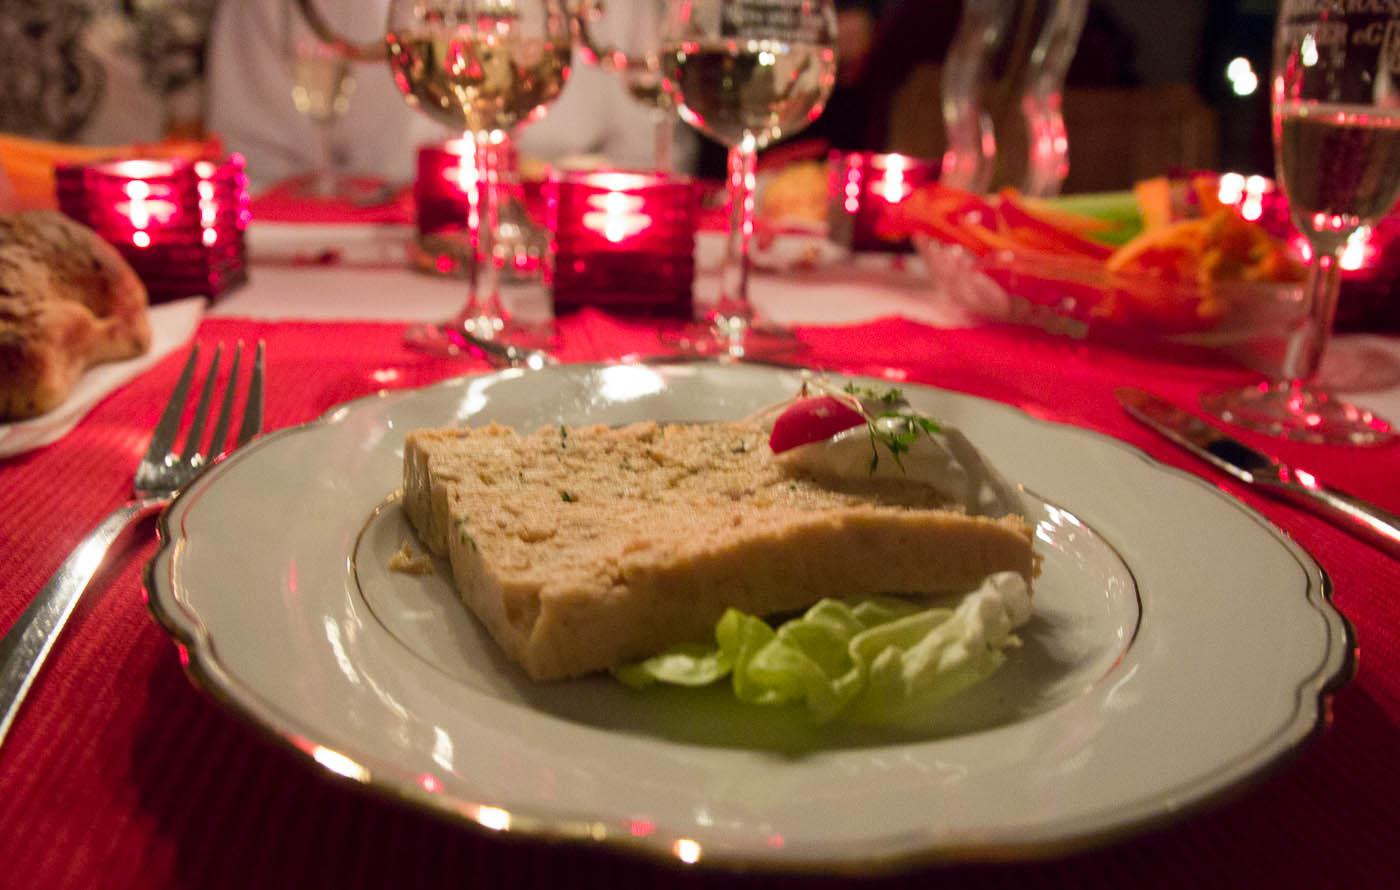 Lachs-Forellenpastete selbst gemacht - passt wunderbar zu Weißweinen